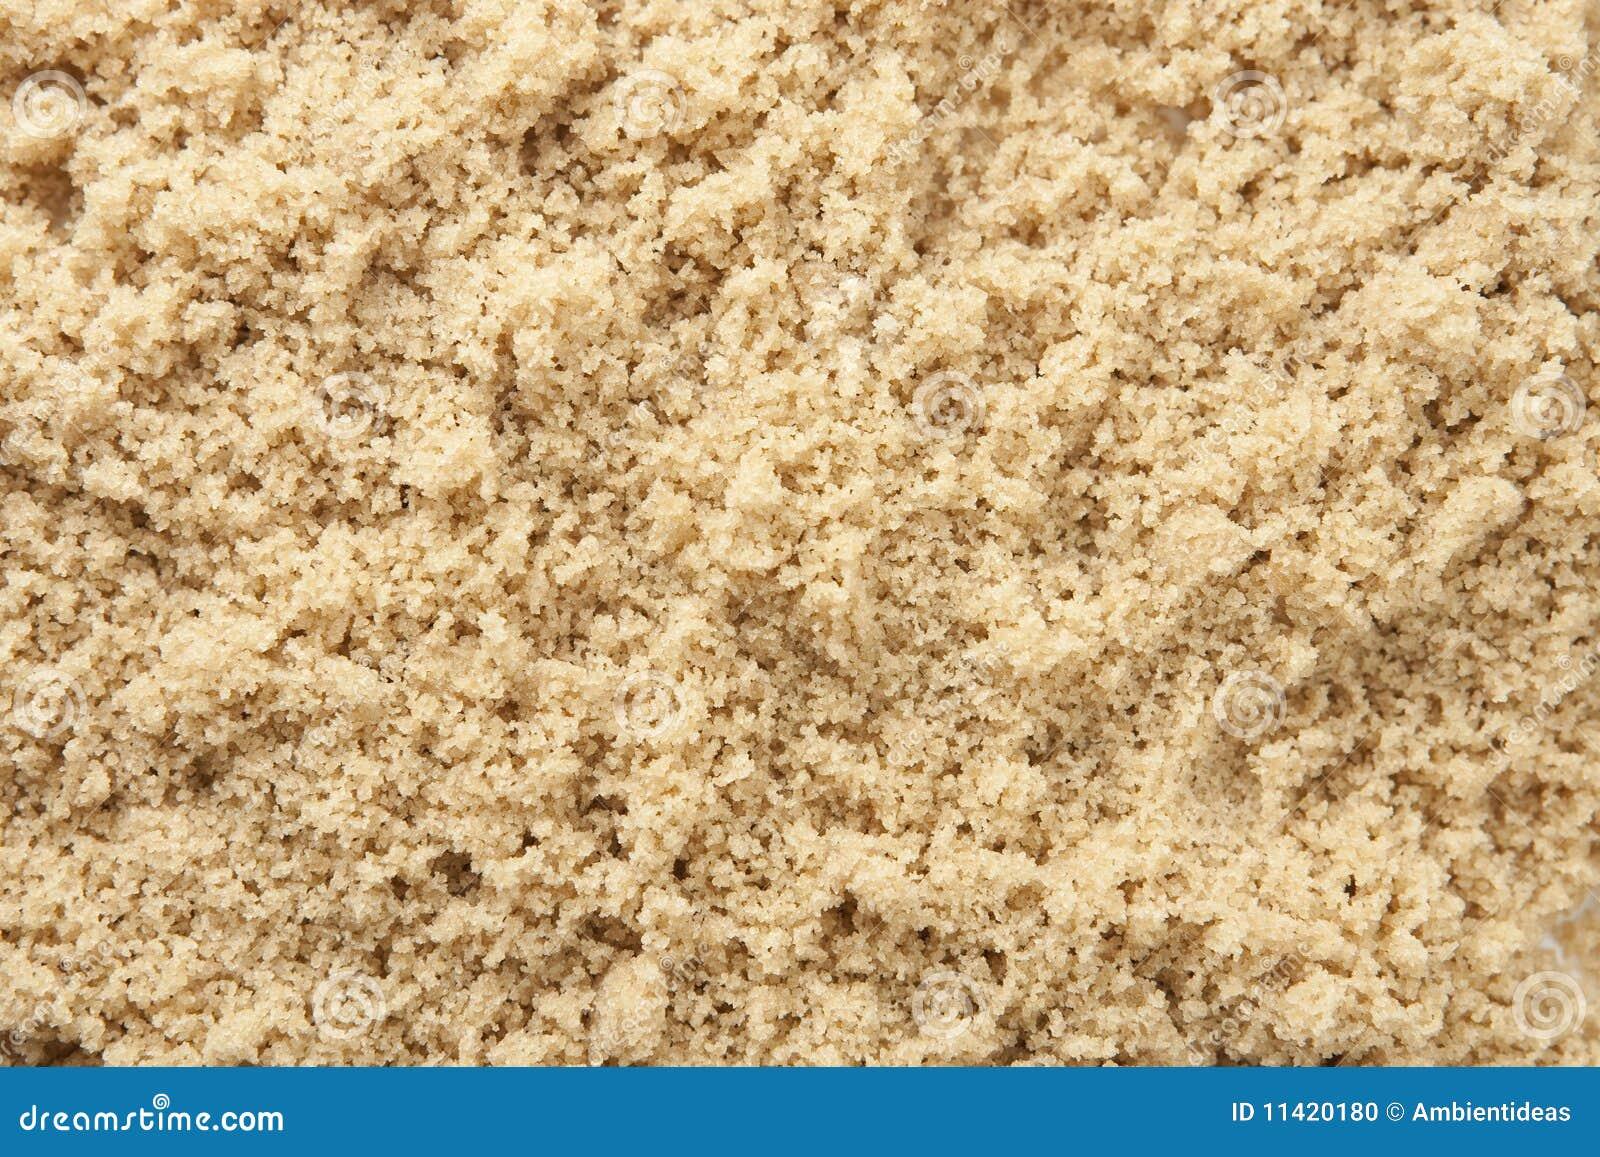 Сахарный песок желтого цвета